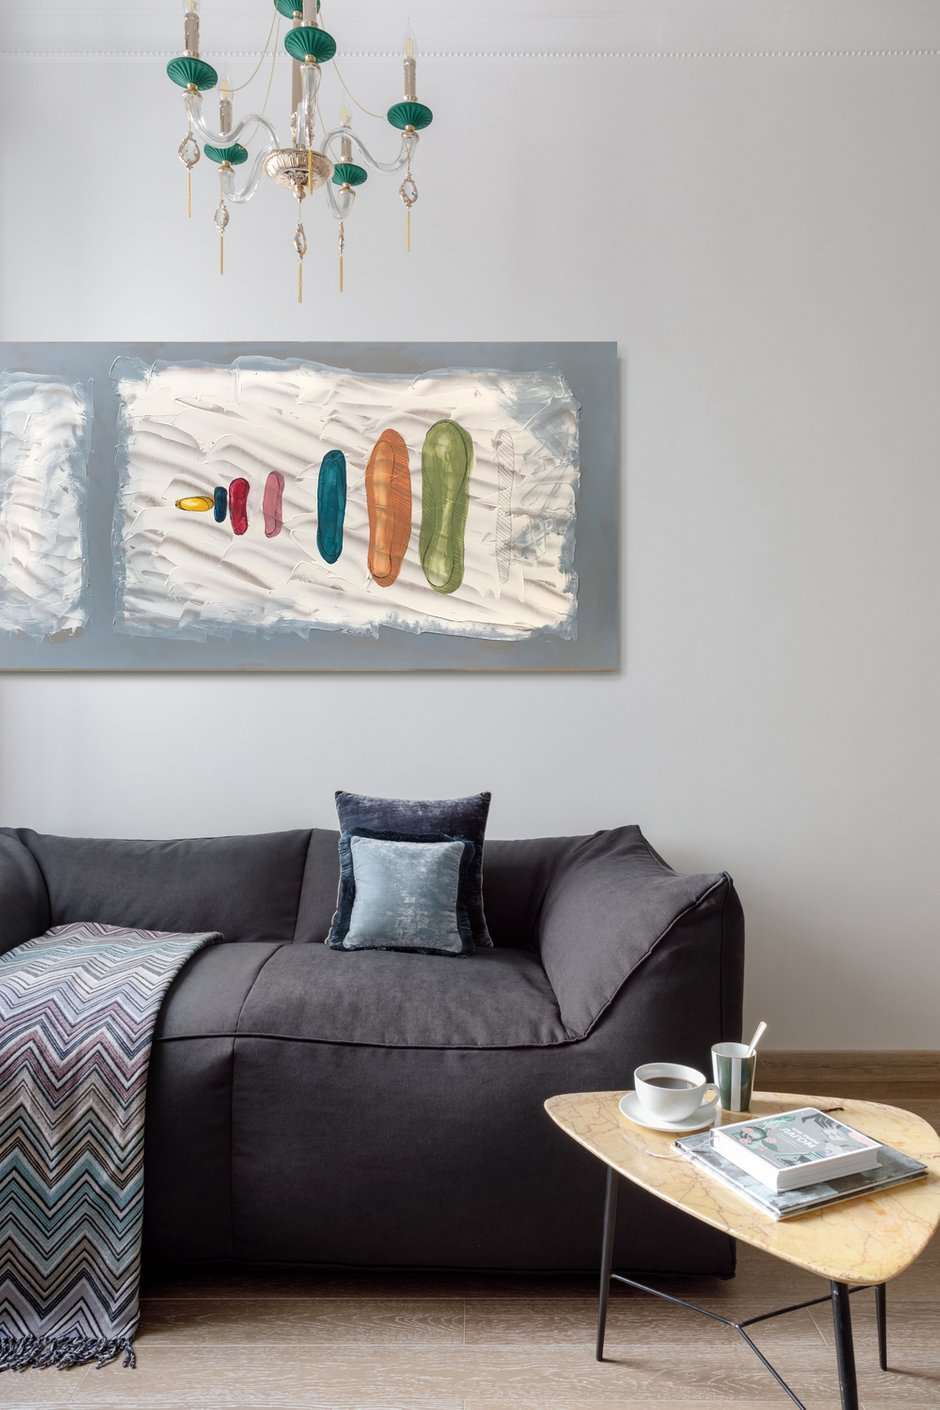 «Задача экономить стоит почти всегда, и этот проект не исключение. Пожалуй, бескаркасный диван — настоящая находка, так как он даже в дорогой ткани намного дешевле любой каркасной мебели. К тому же он очень удобный, чтобы сидеть или лежать, и очень легкий, если надо переставить в другое место», — говорит автор проекта. Картины на стенах — абстракция художницы Ольги Бровкиной, посуда — Kartell.